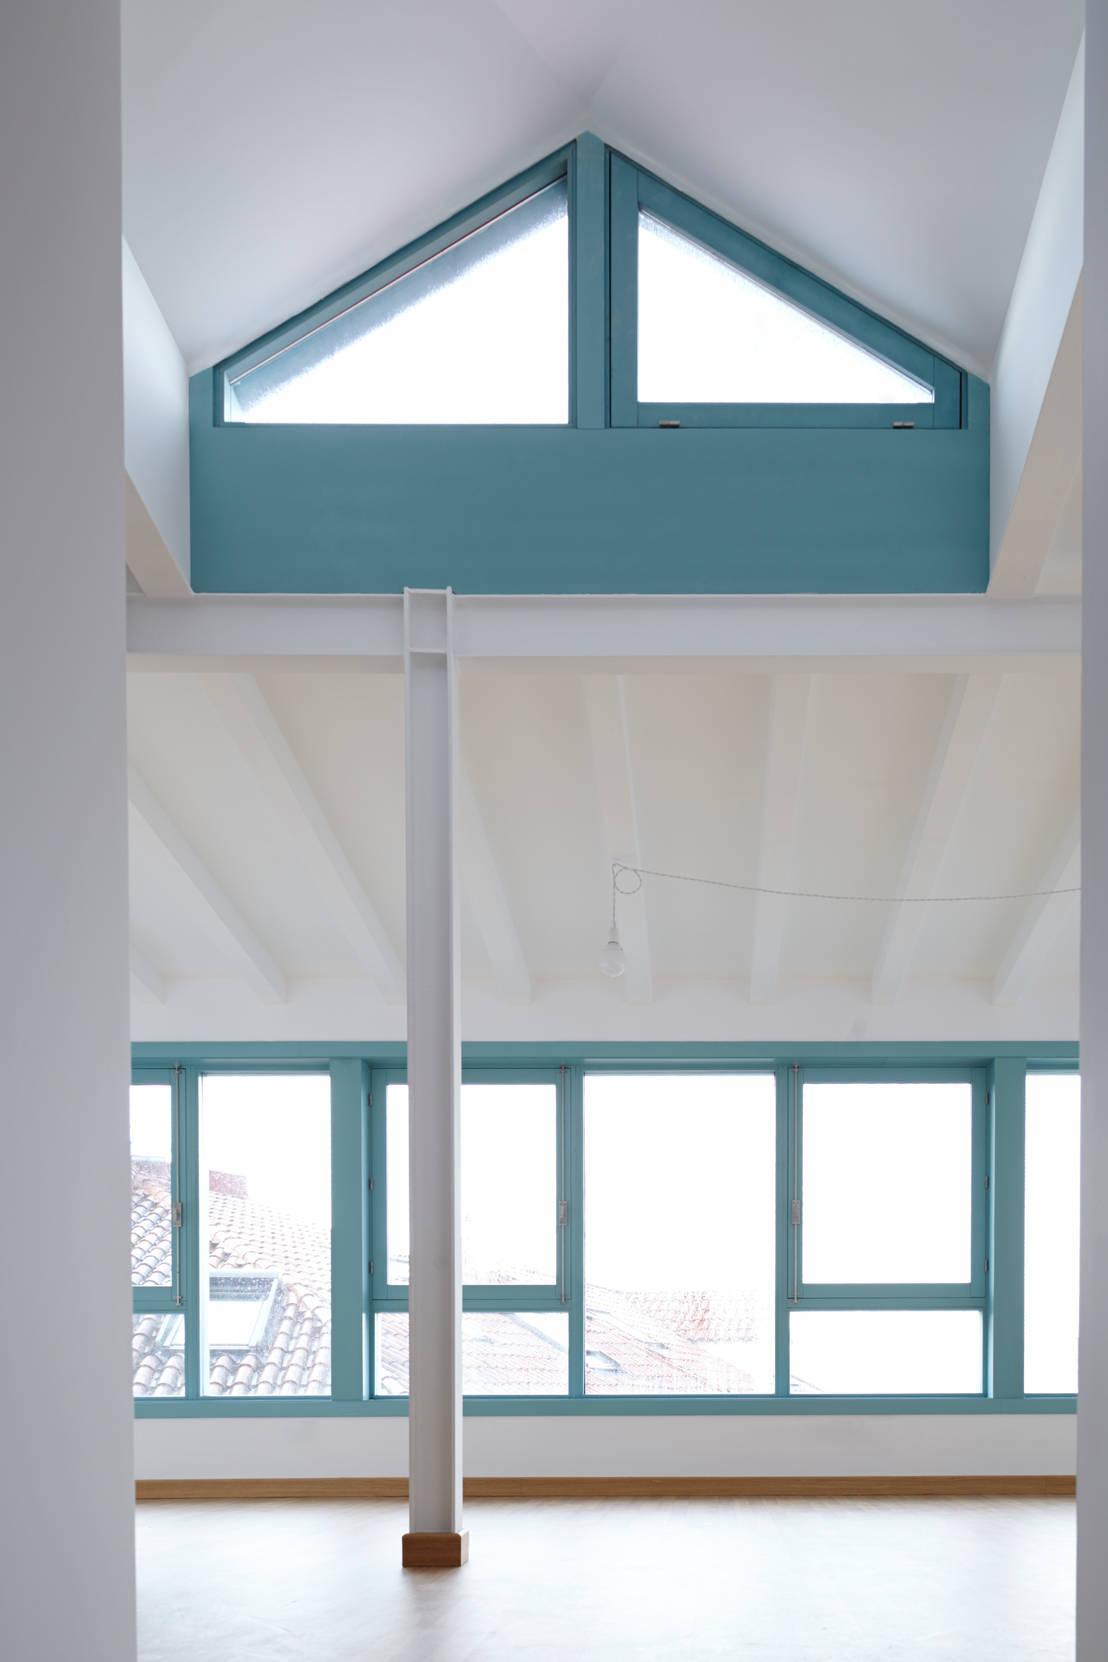 Estudio de arquitectura sra farnsworth rehabilitaci n y - Estudios de arquitectura vigo ...